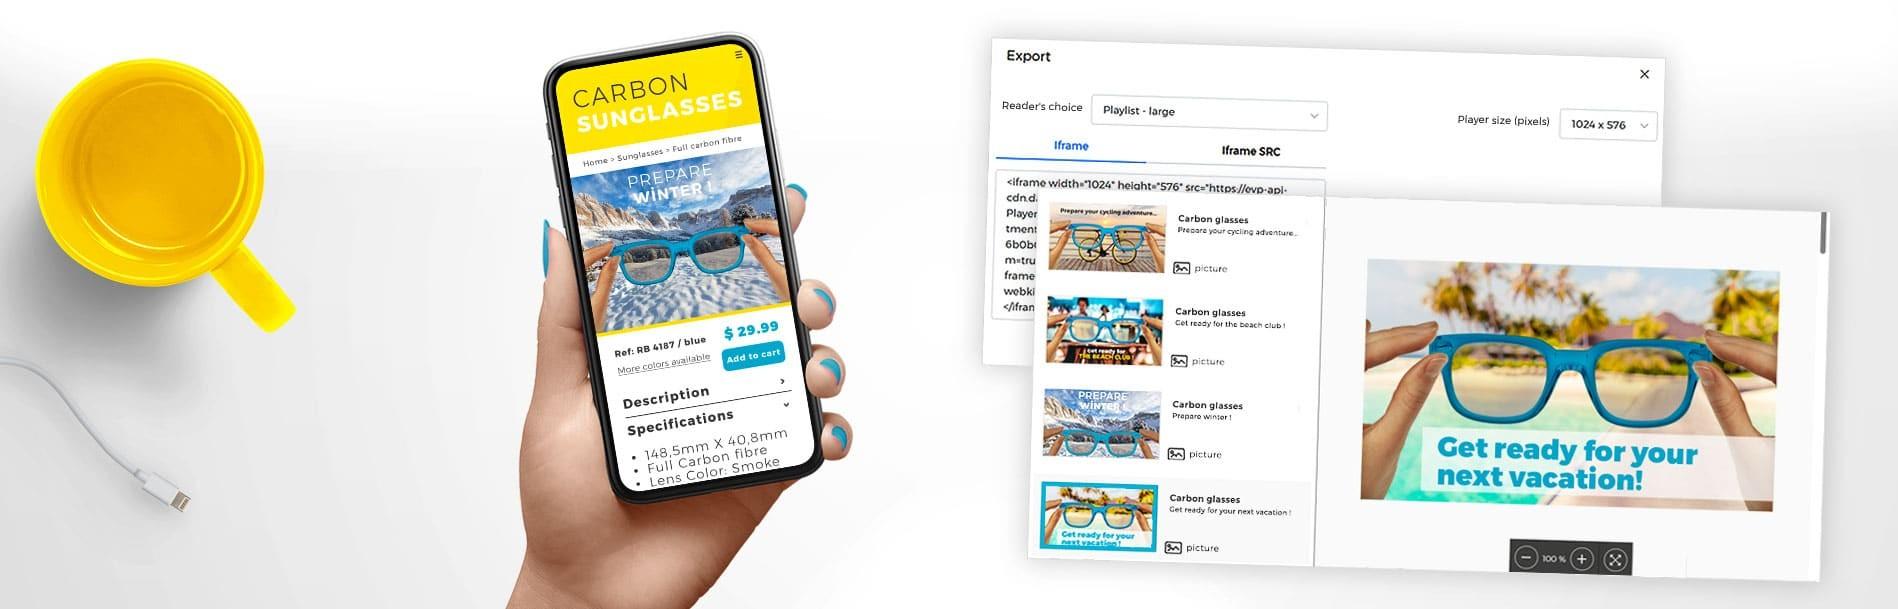 Wedia - Digital eXperience Management: ein optimales Content-Erlebnis zu liefern und die Content-Performance zu messen und zu bewerten